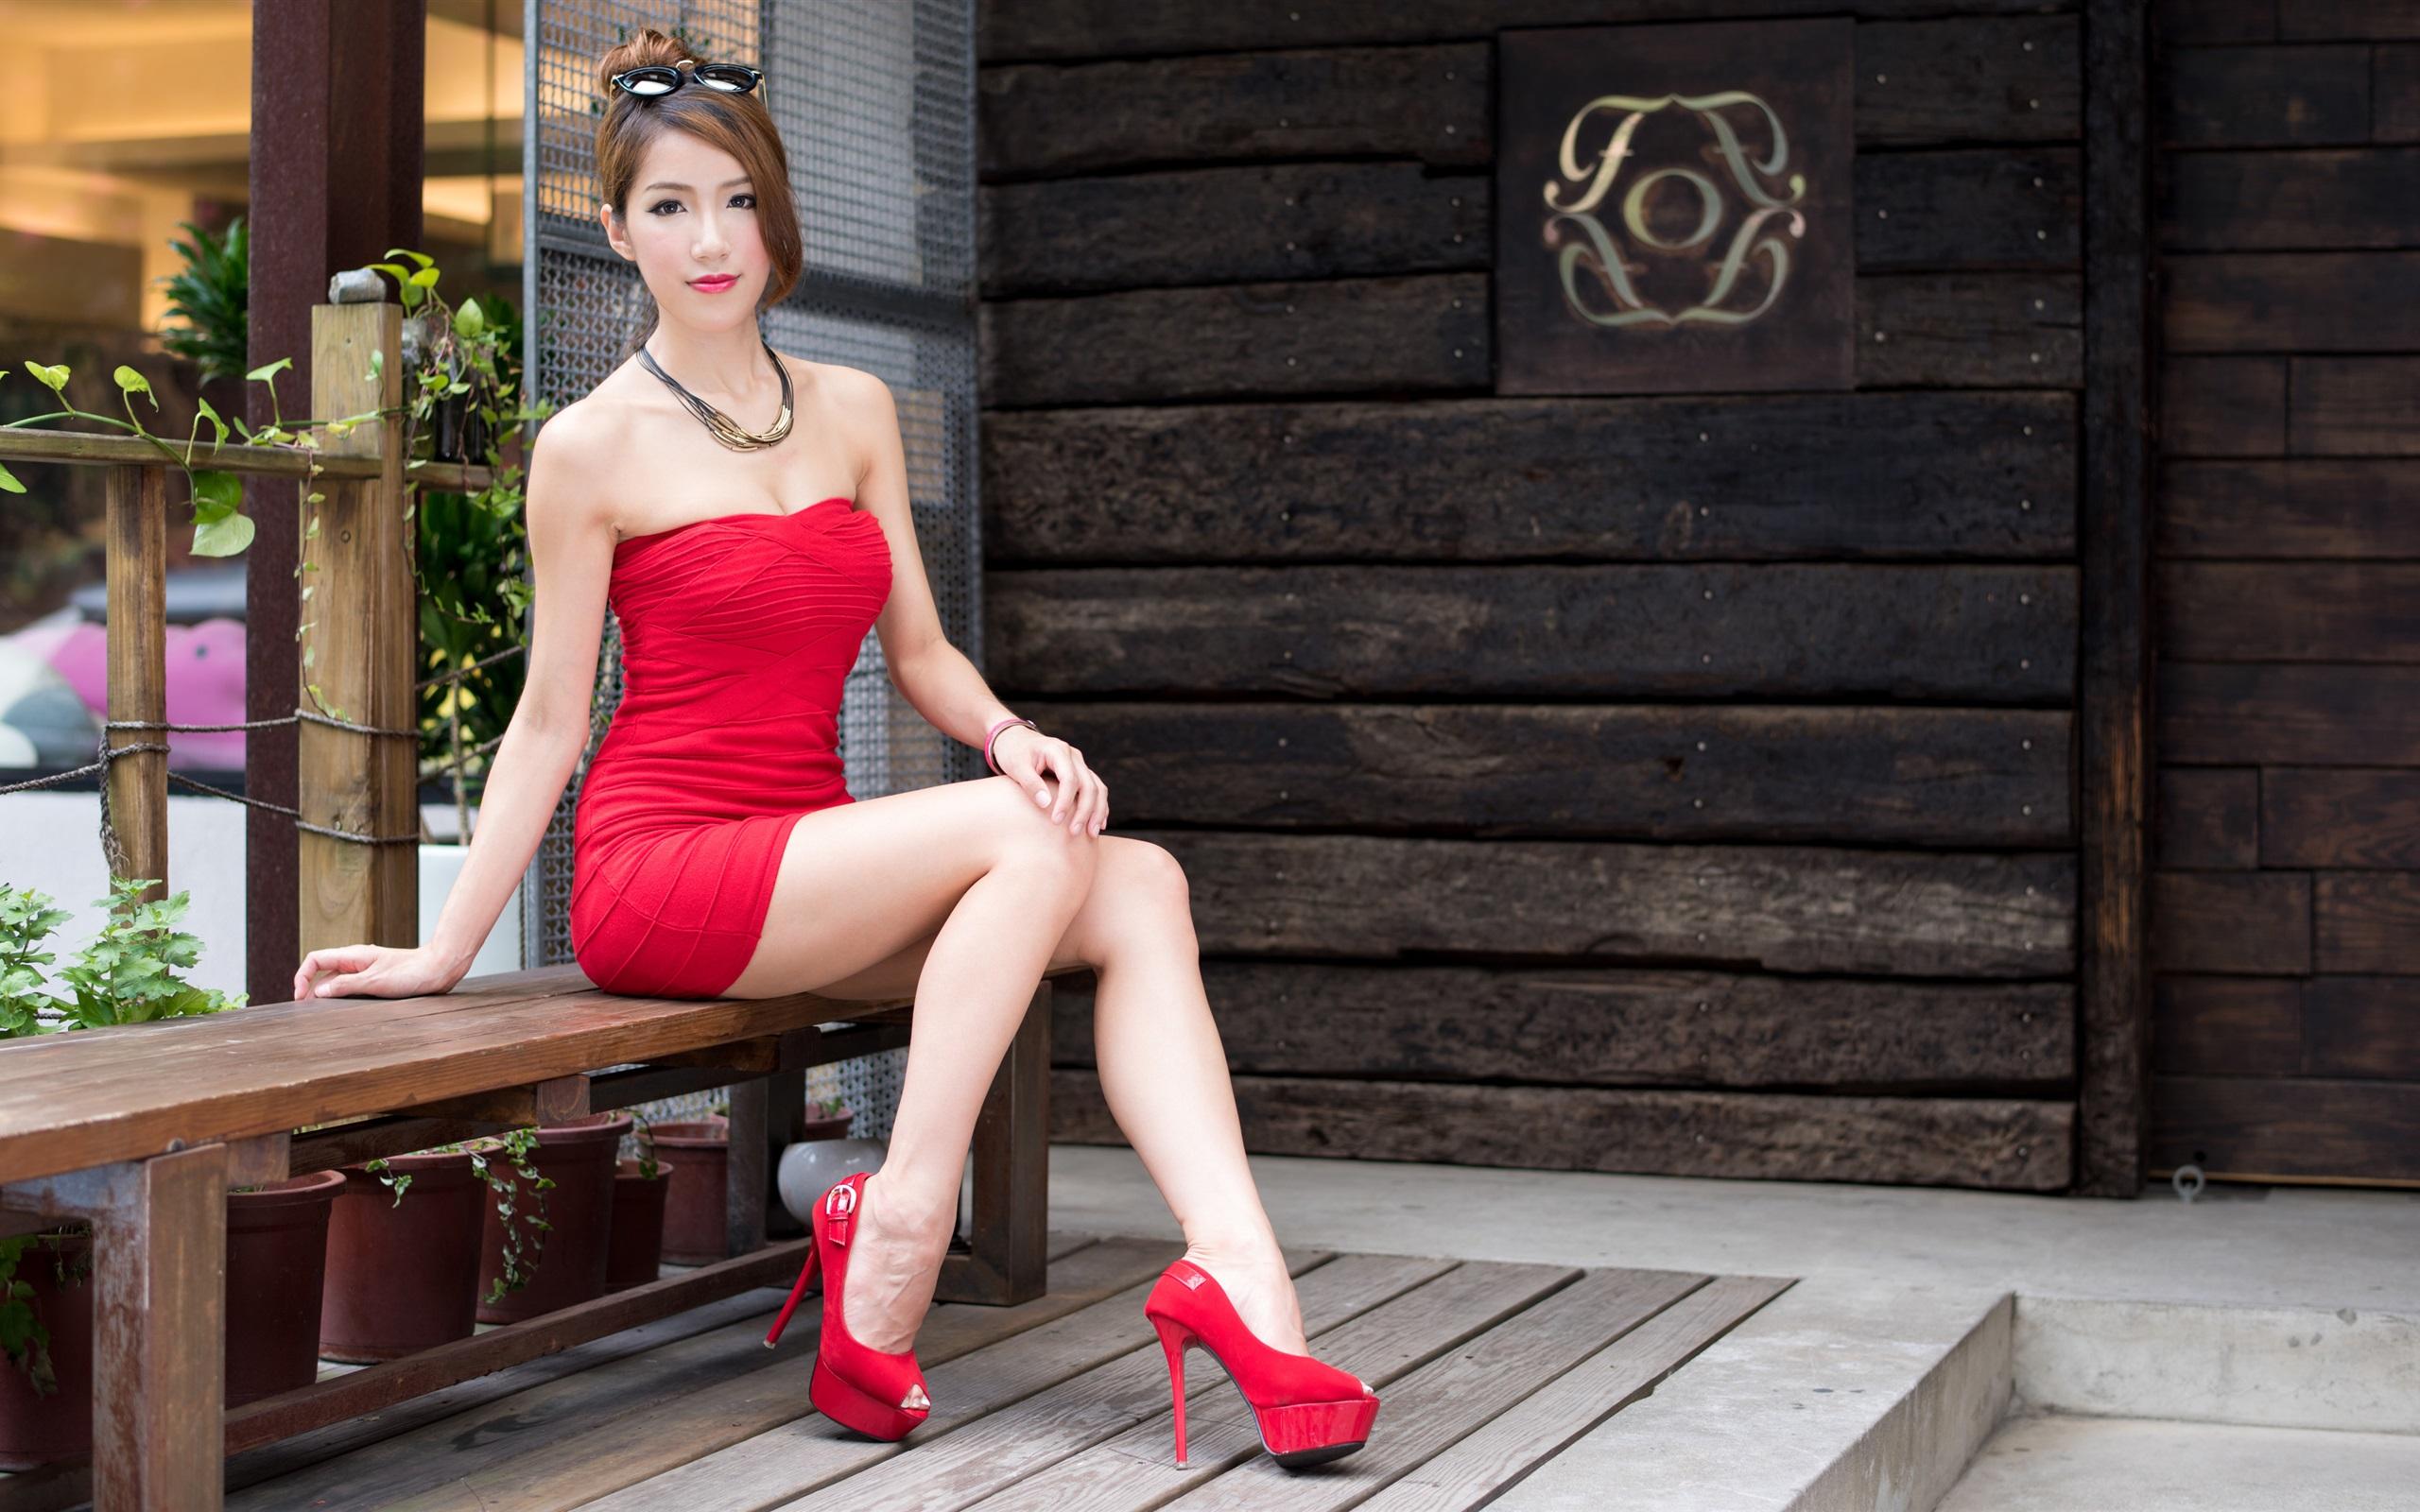 sexy rotes kleid asiatische mädchen, lange beine, frisur